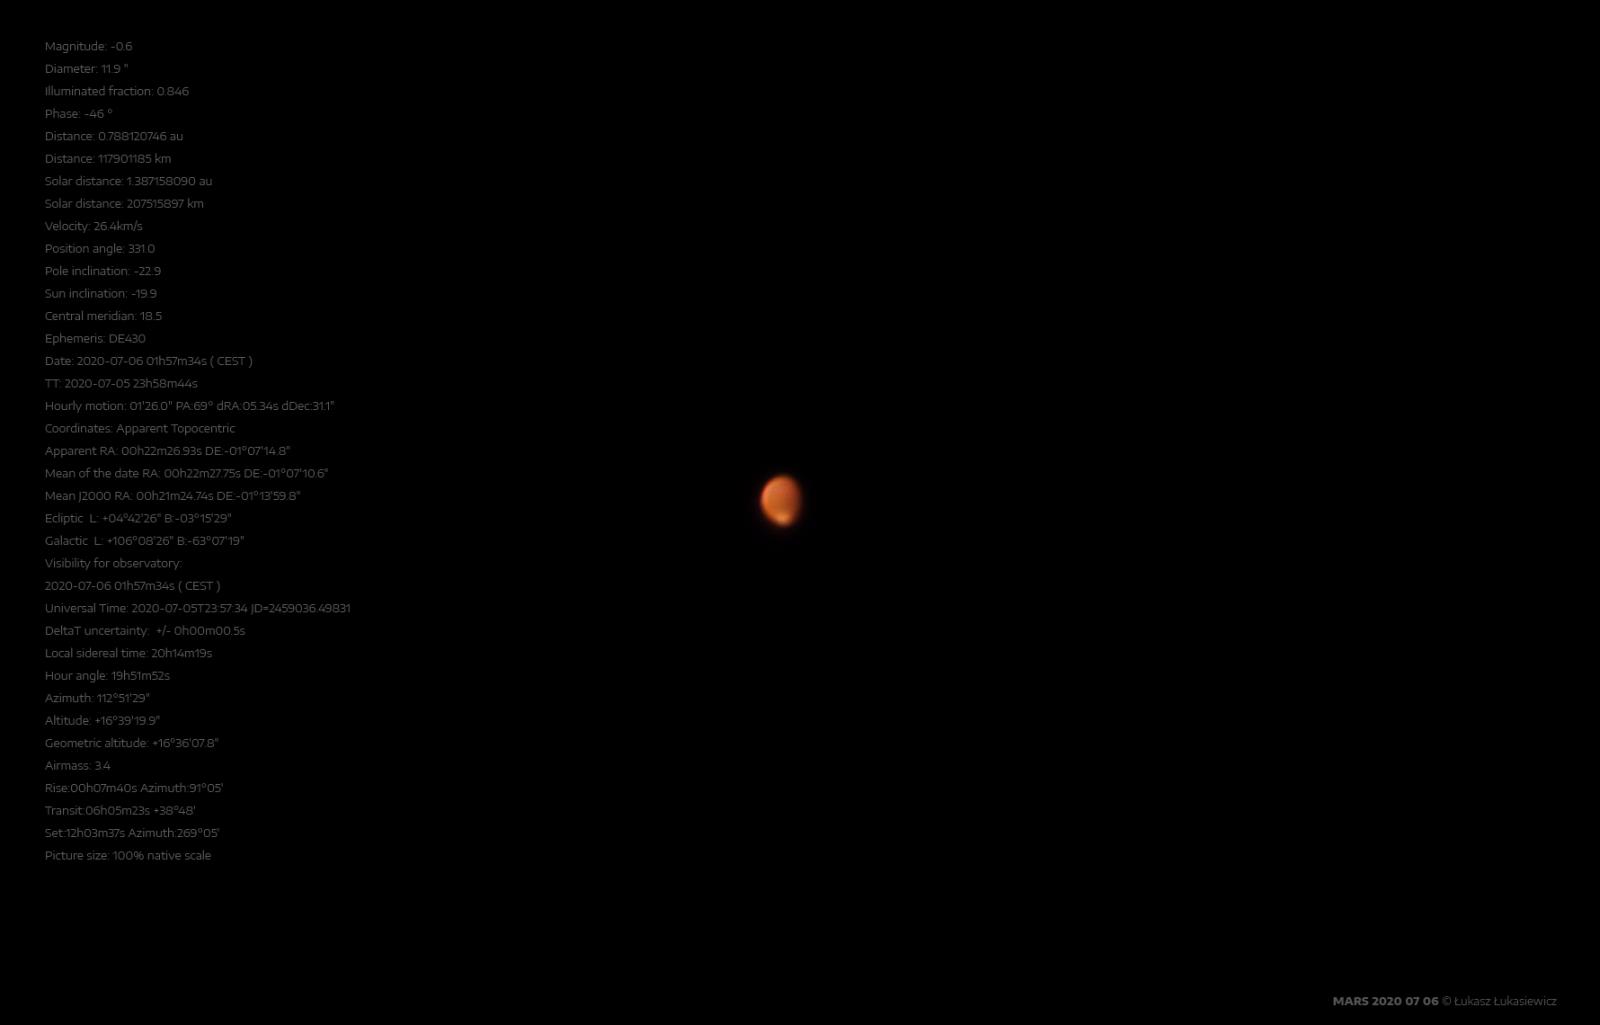 MARS-2020-07-06d.png